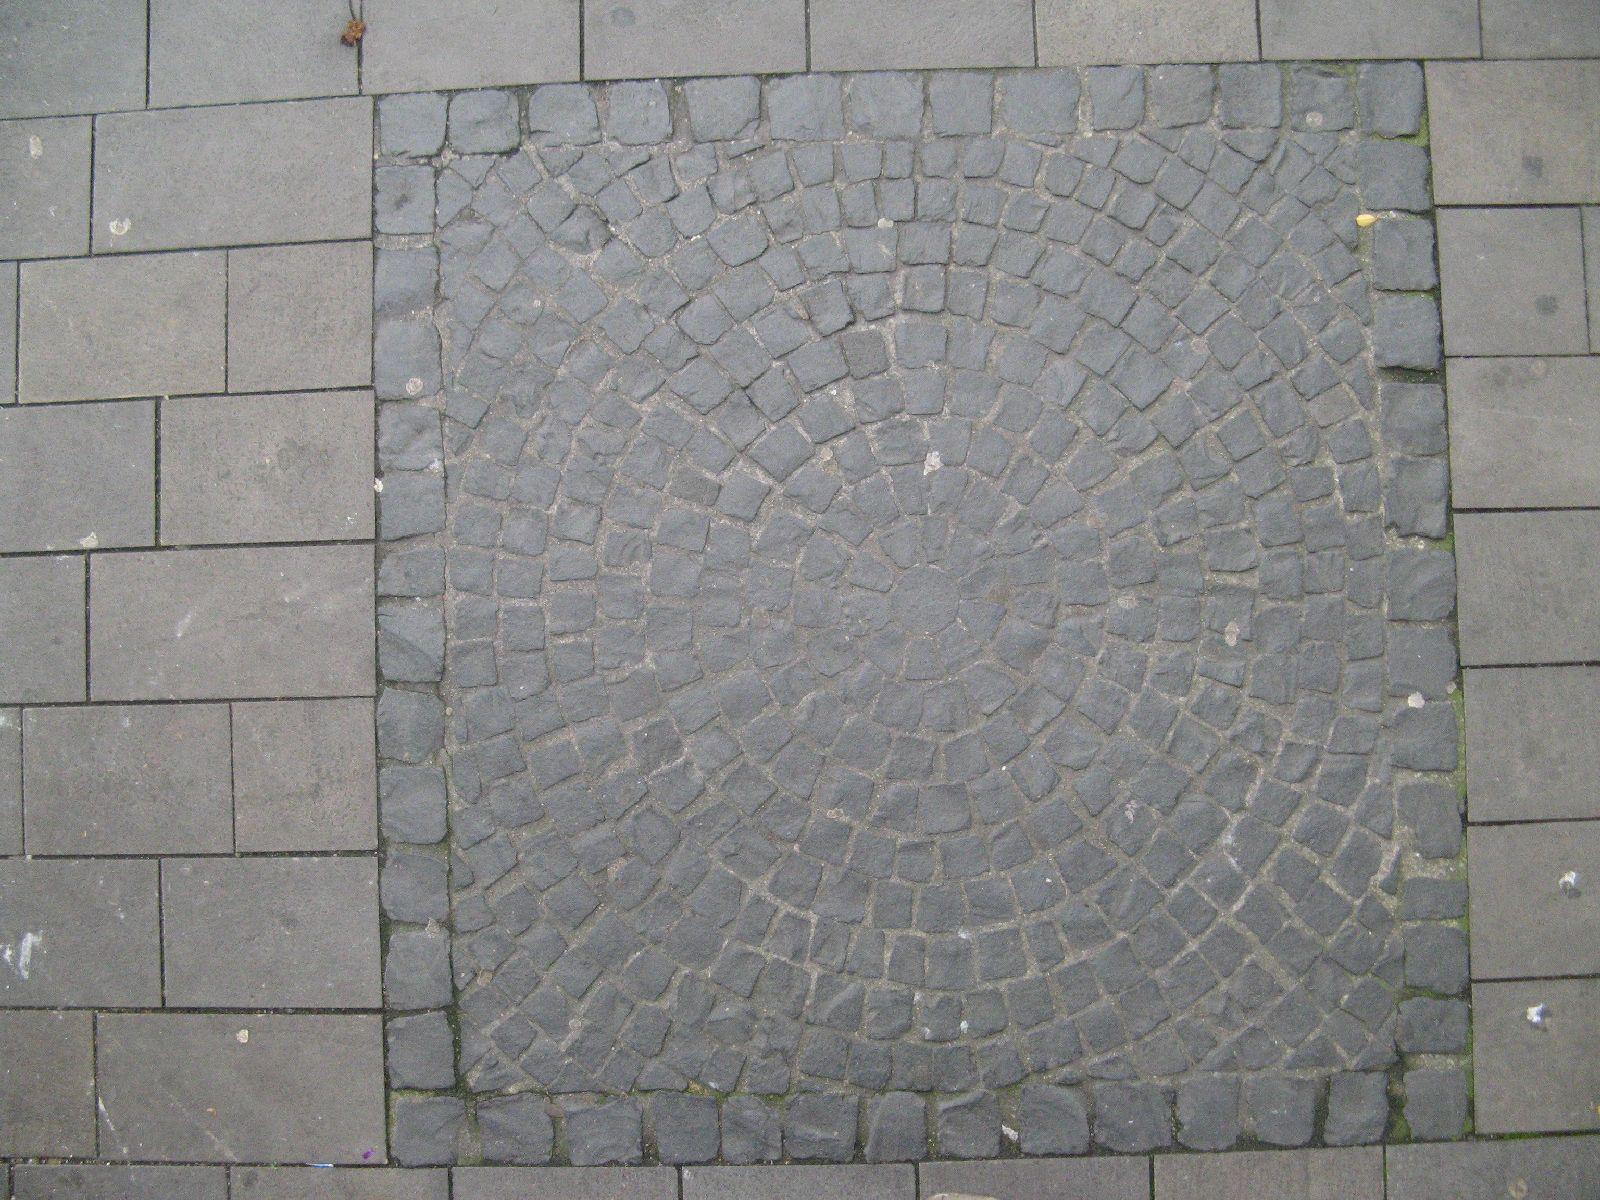 Boden-Gehweg-Strasse-Buergersteig-Textur_B_3319